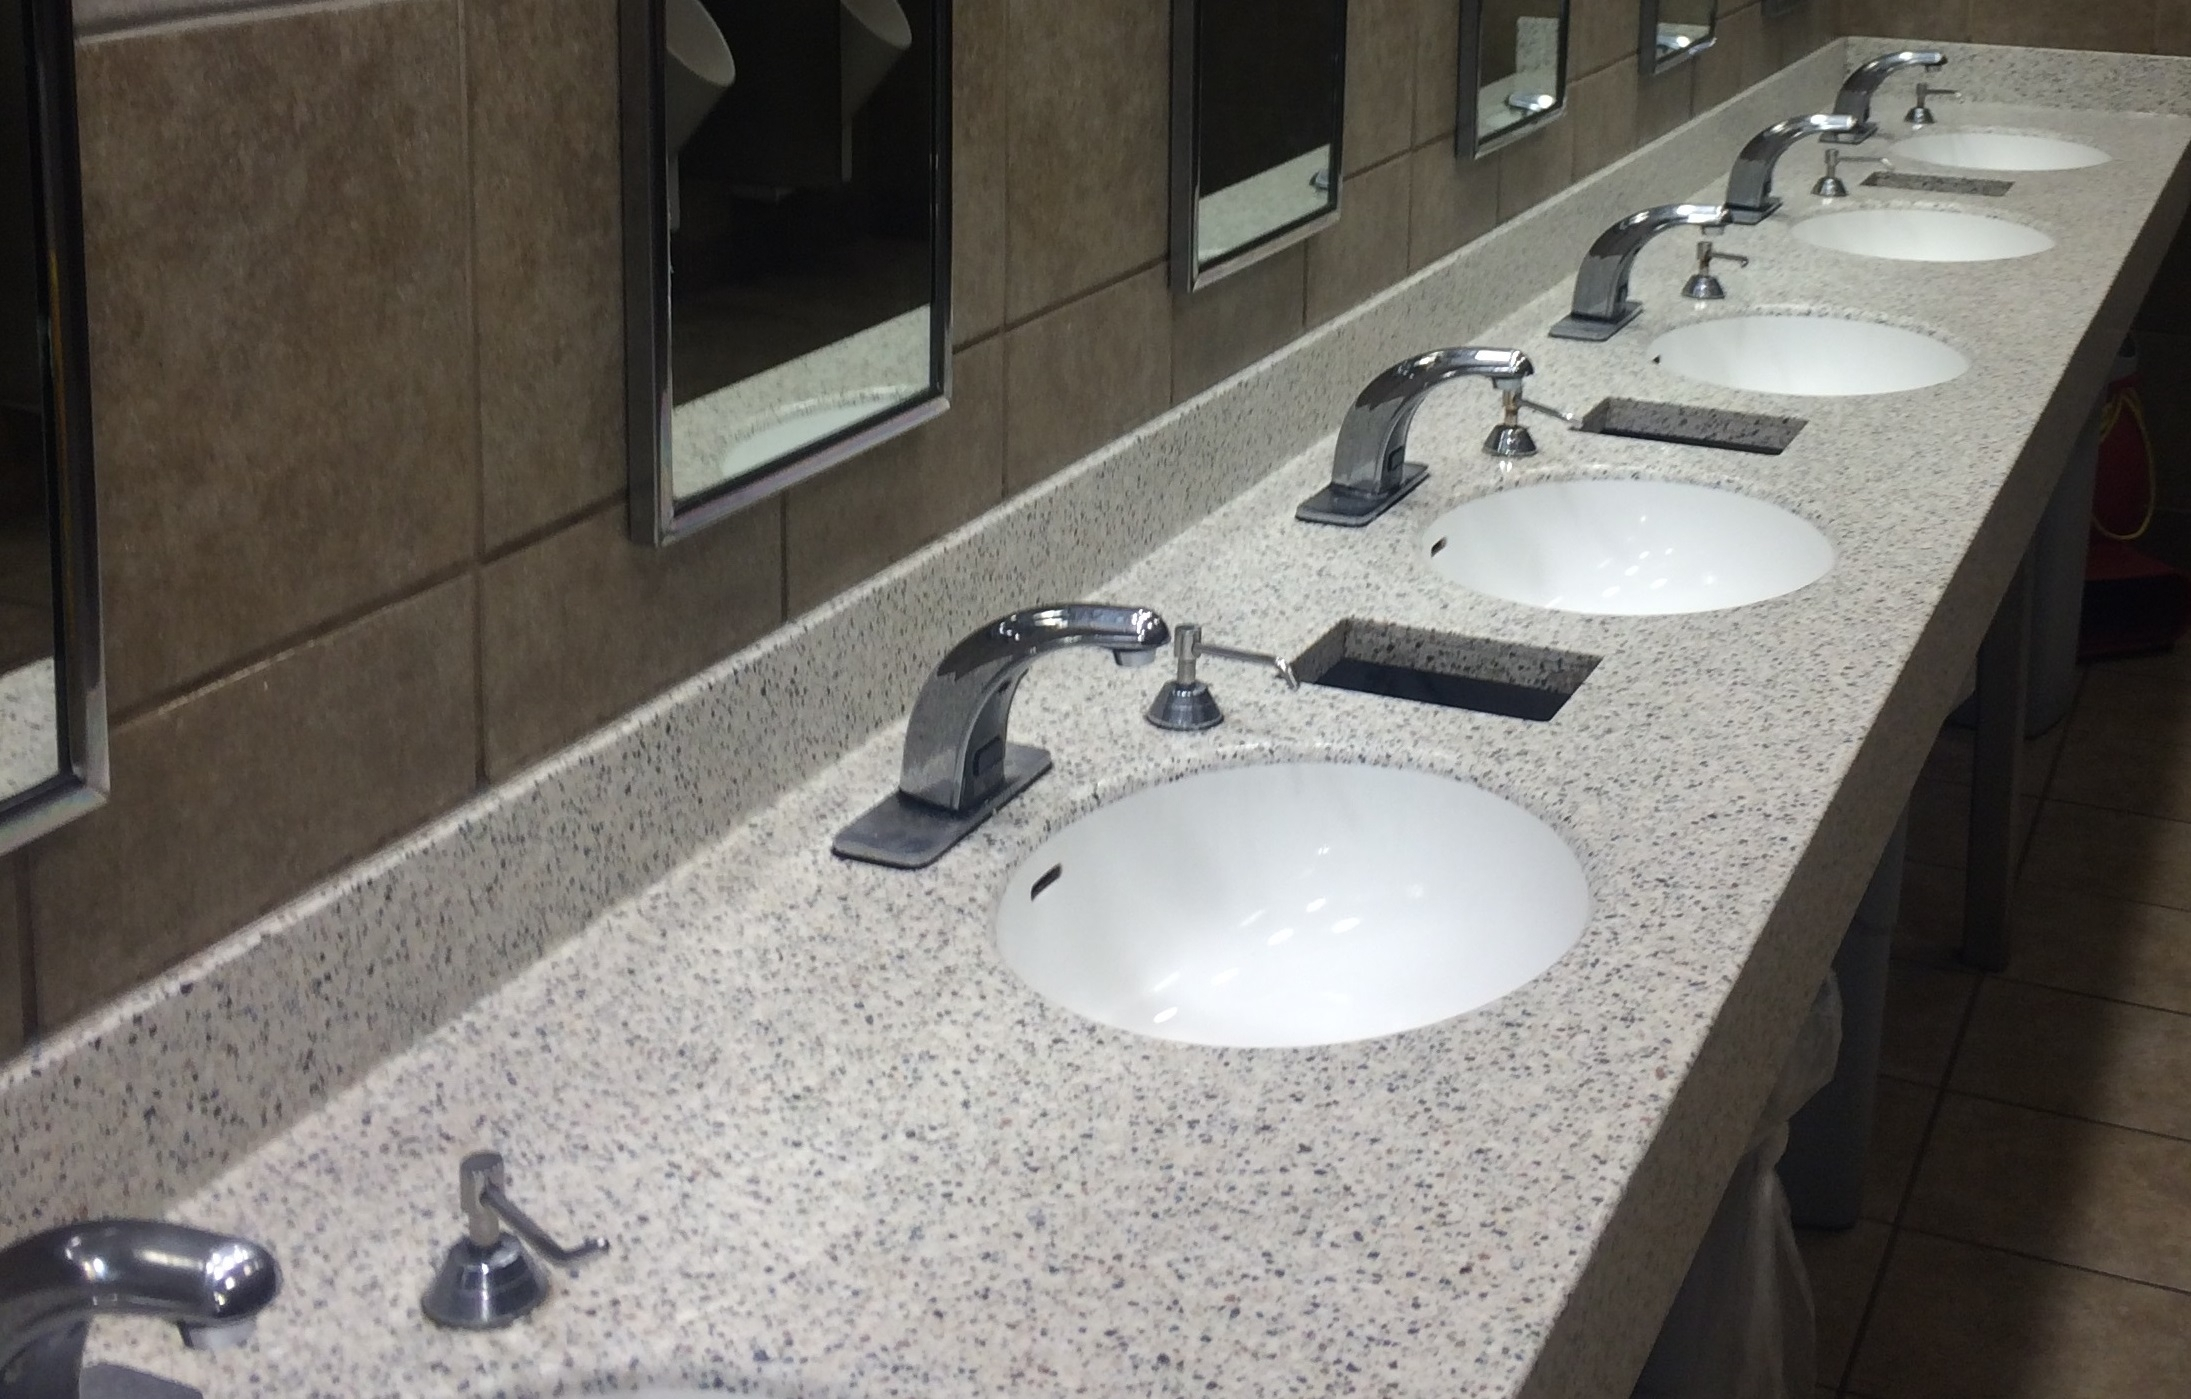 Ideas, motion sensor bathroom faucet motion sensor bathroom faucet remodeling a motion sensor bathroom faucet ideas free designs 2191 x 1399  .